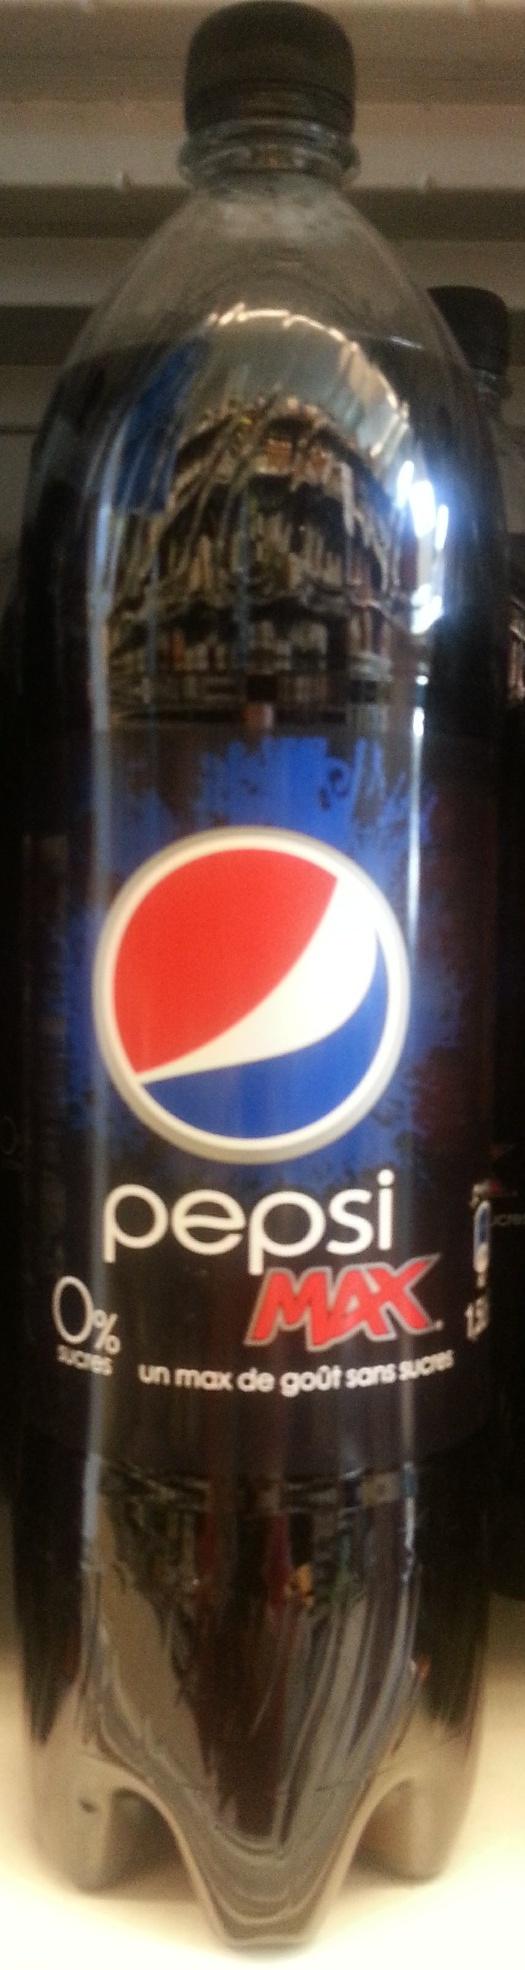 Pepsi Max NO SUGAR - Produit